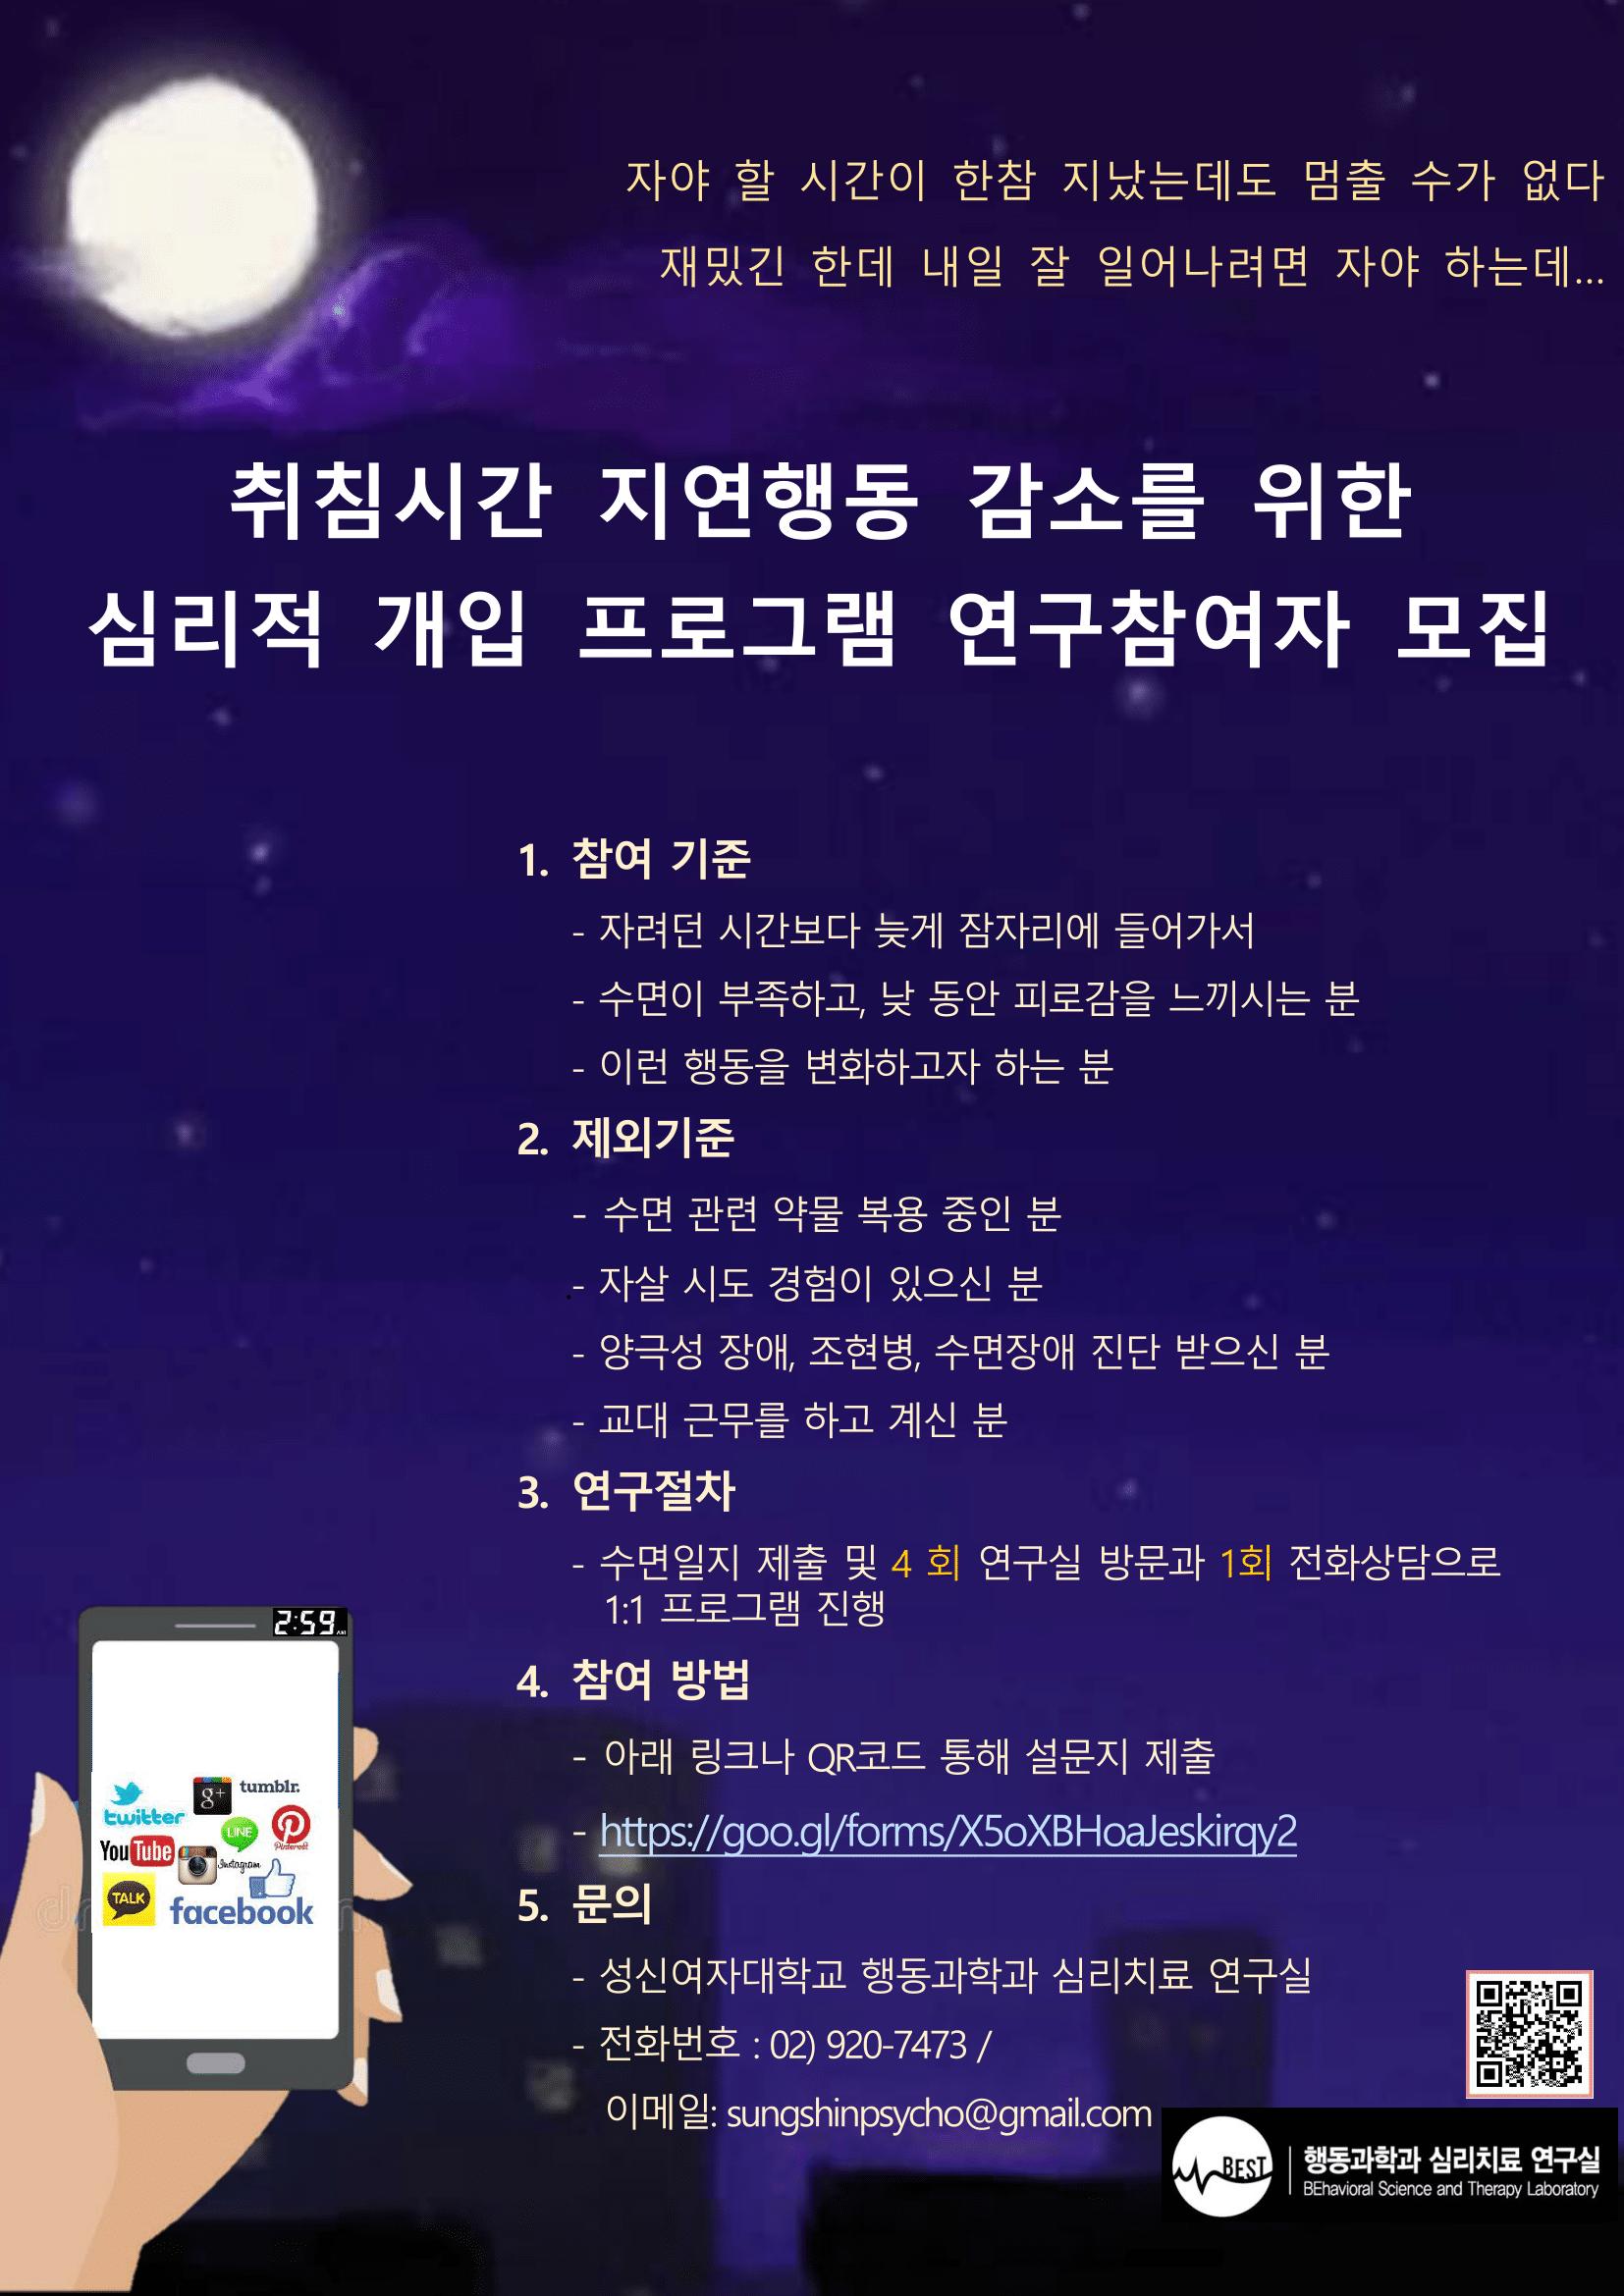 2차년도 취침시간 홍보 포스터.png